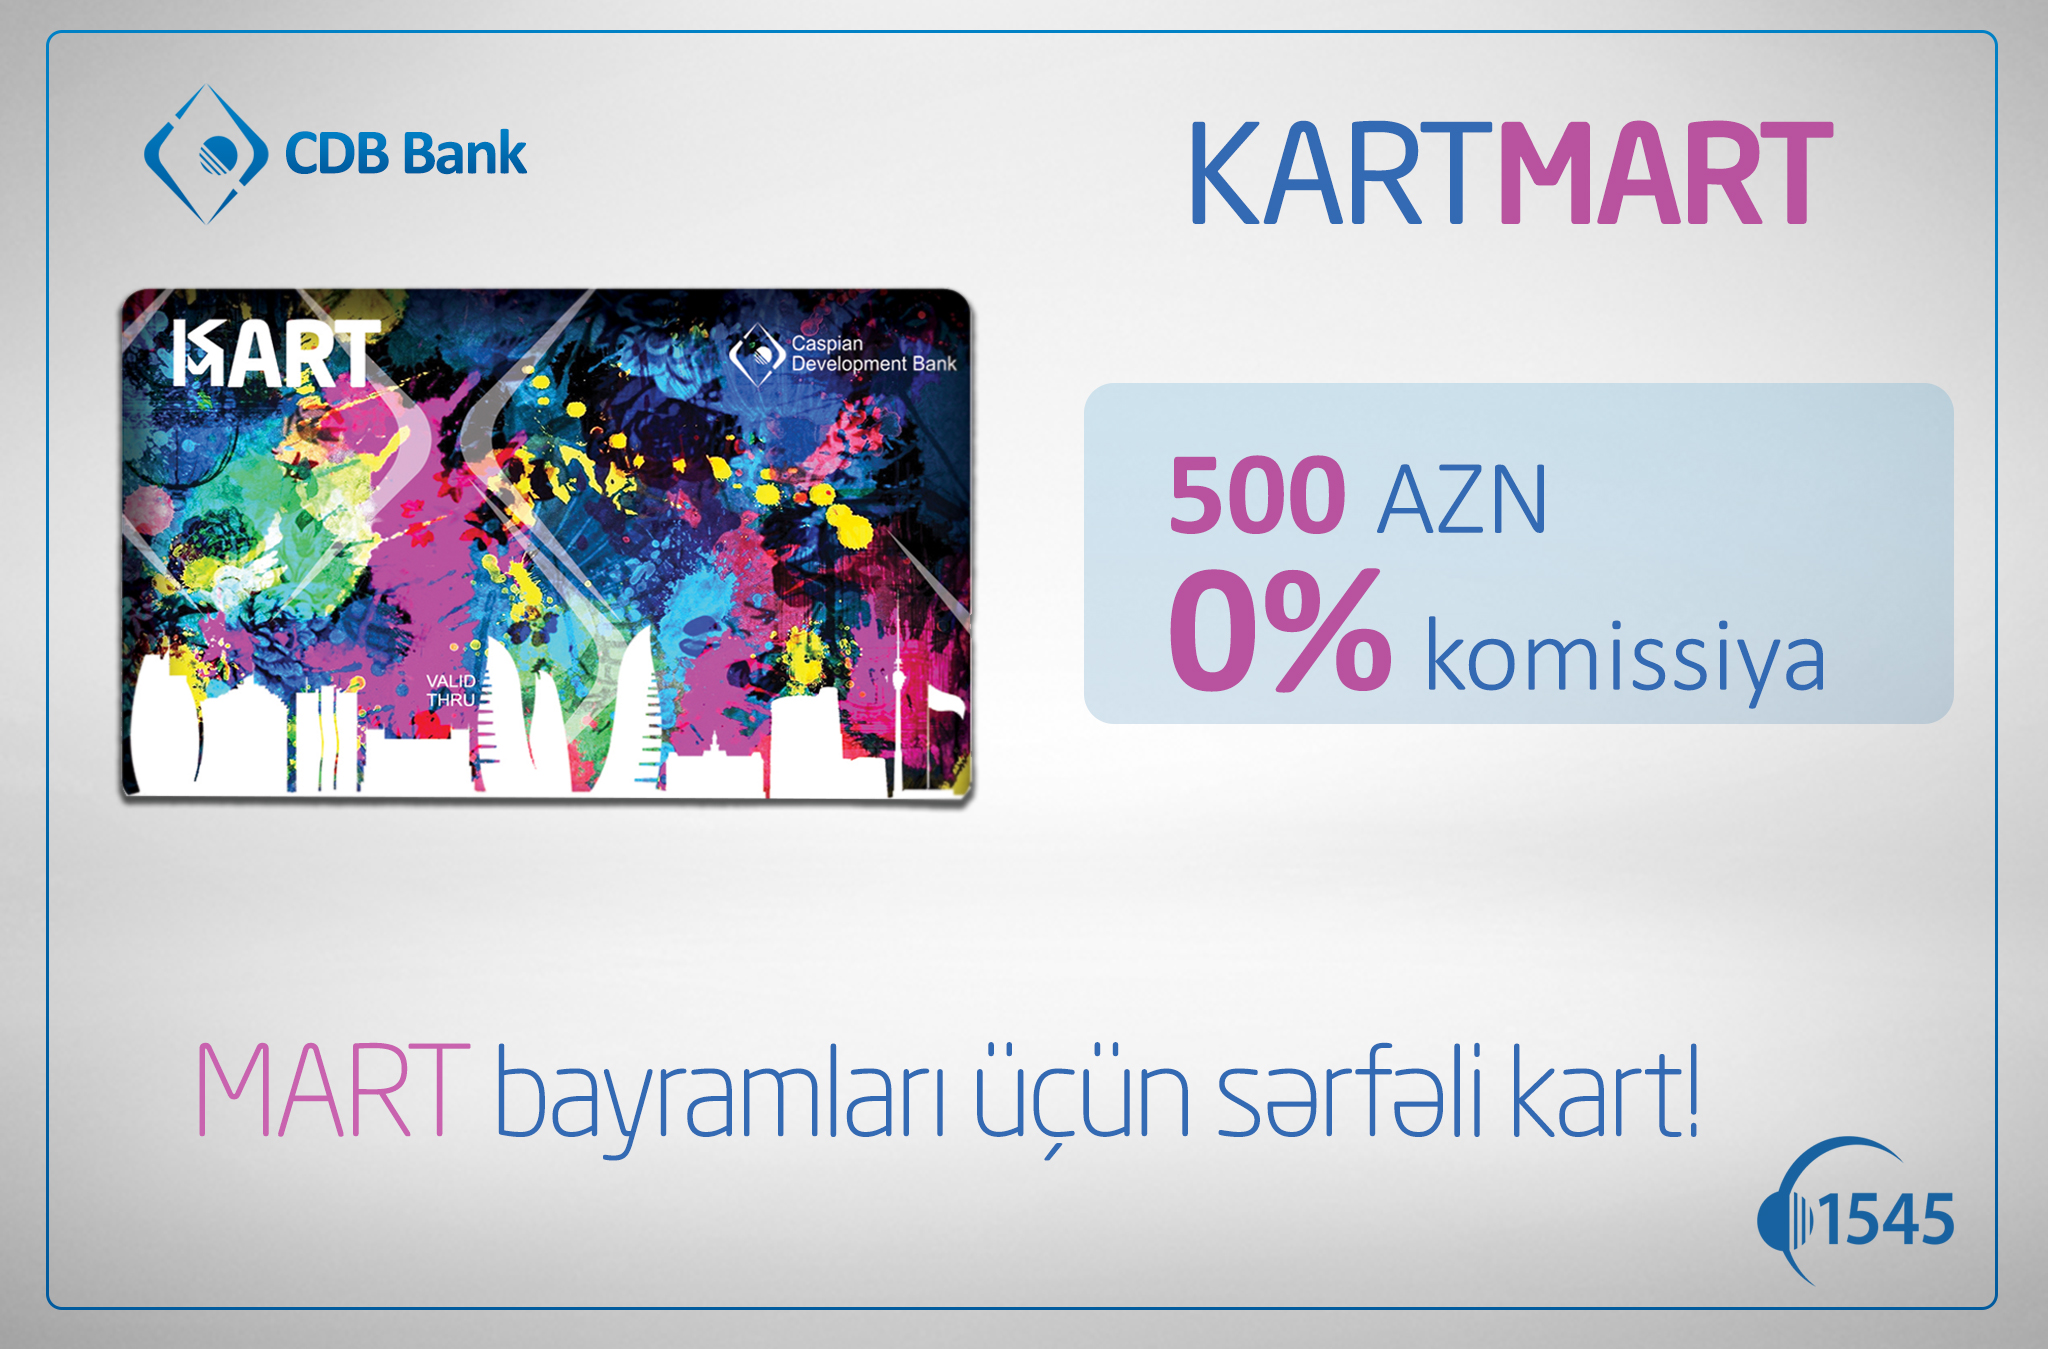 CDB Bankdan Mart bayramları üçün yeni kart!